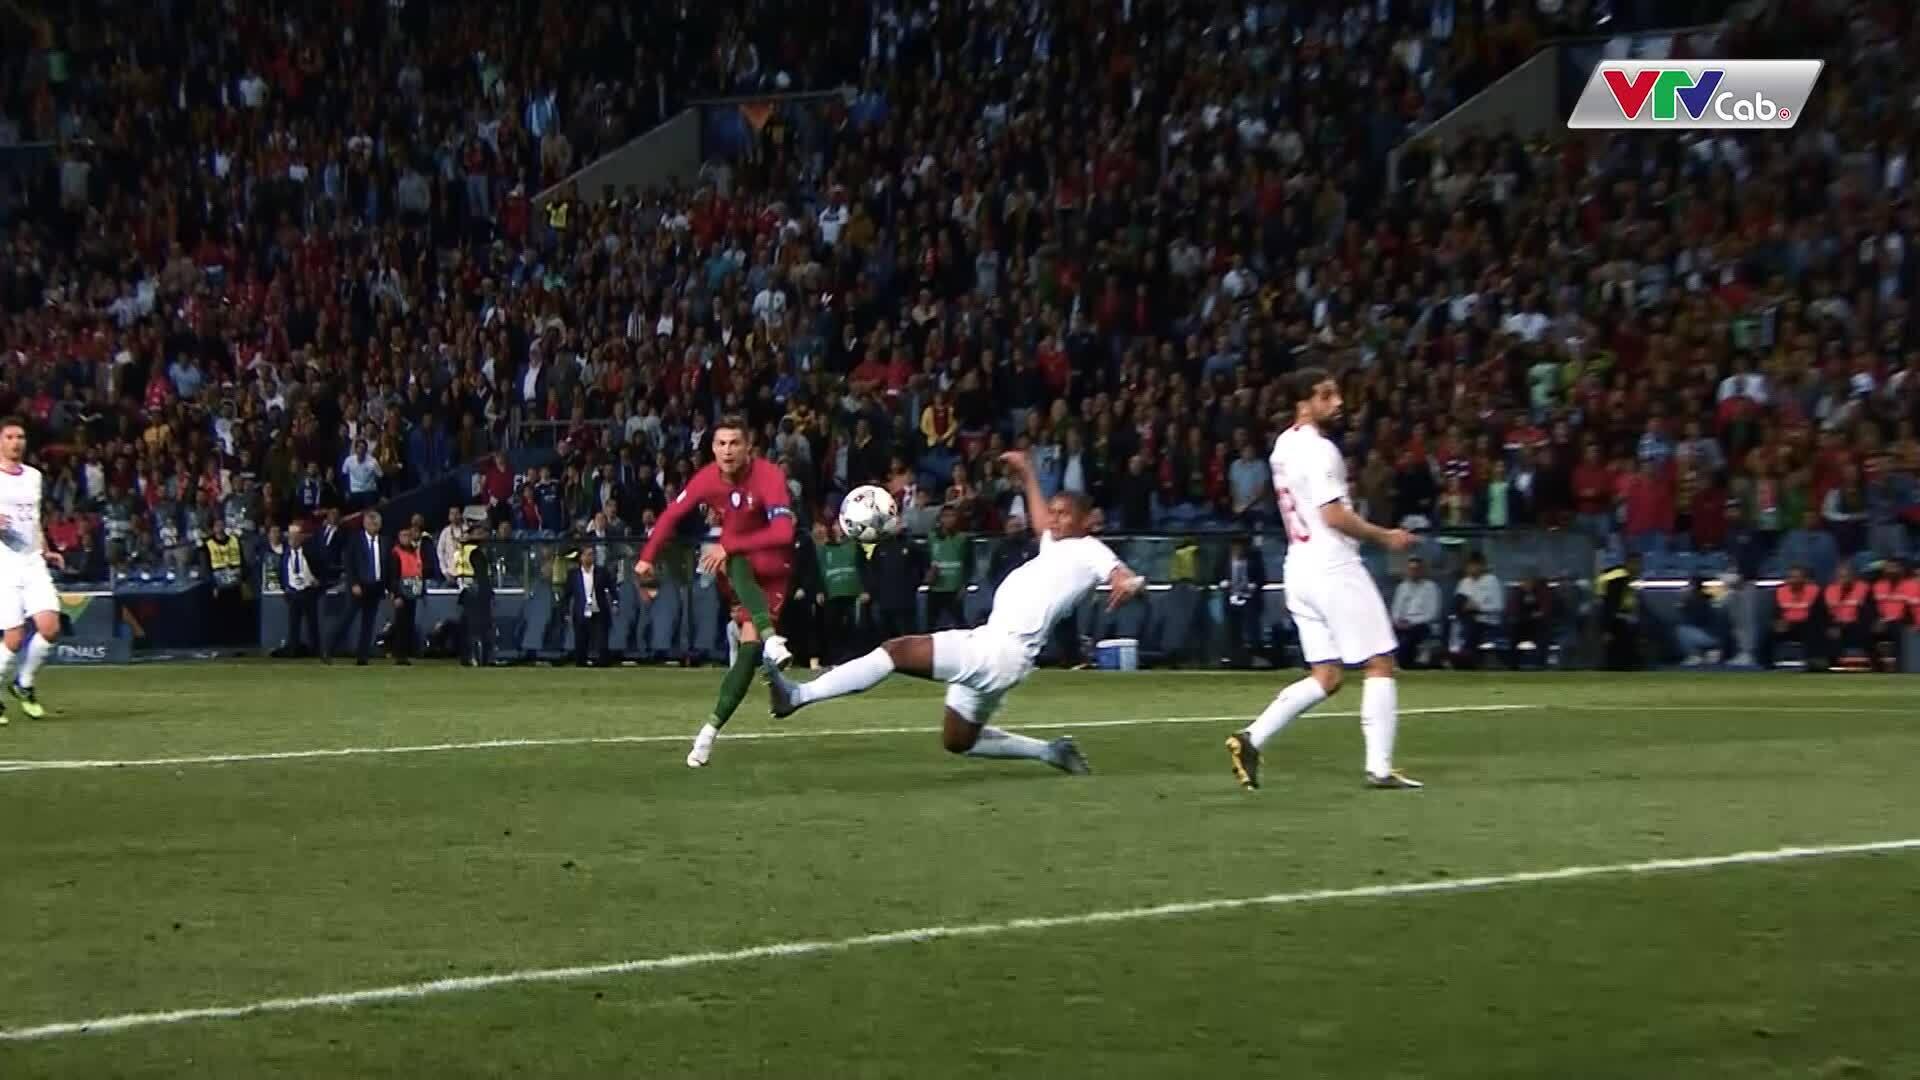 HLV Koeman: 'Van Dijk và De Ligt đều có thể ngăn chặn Ronaldo'